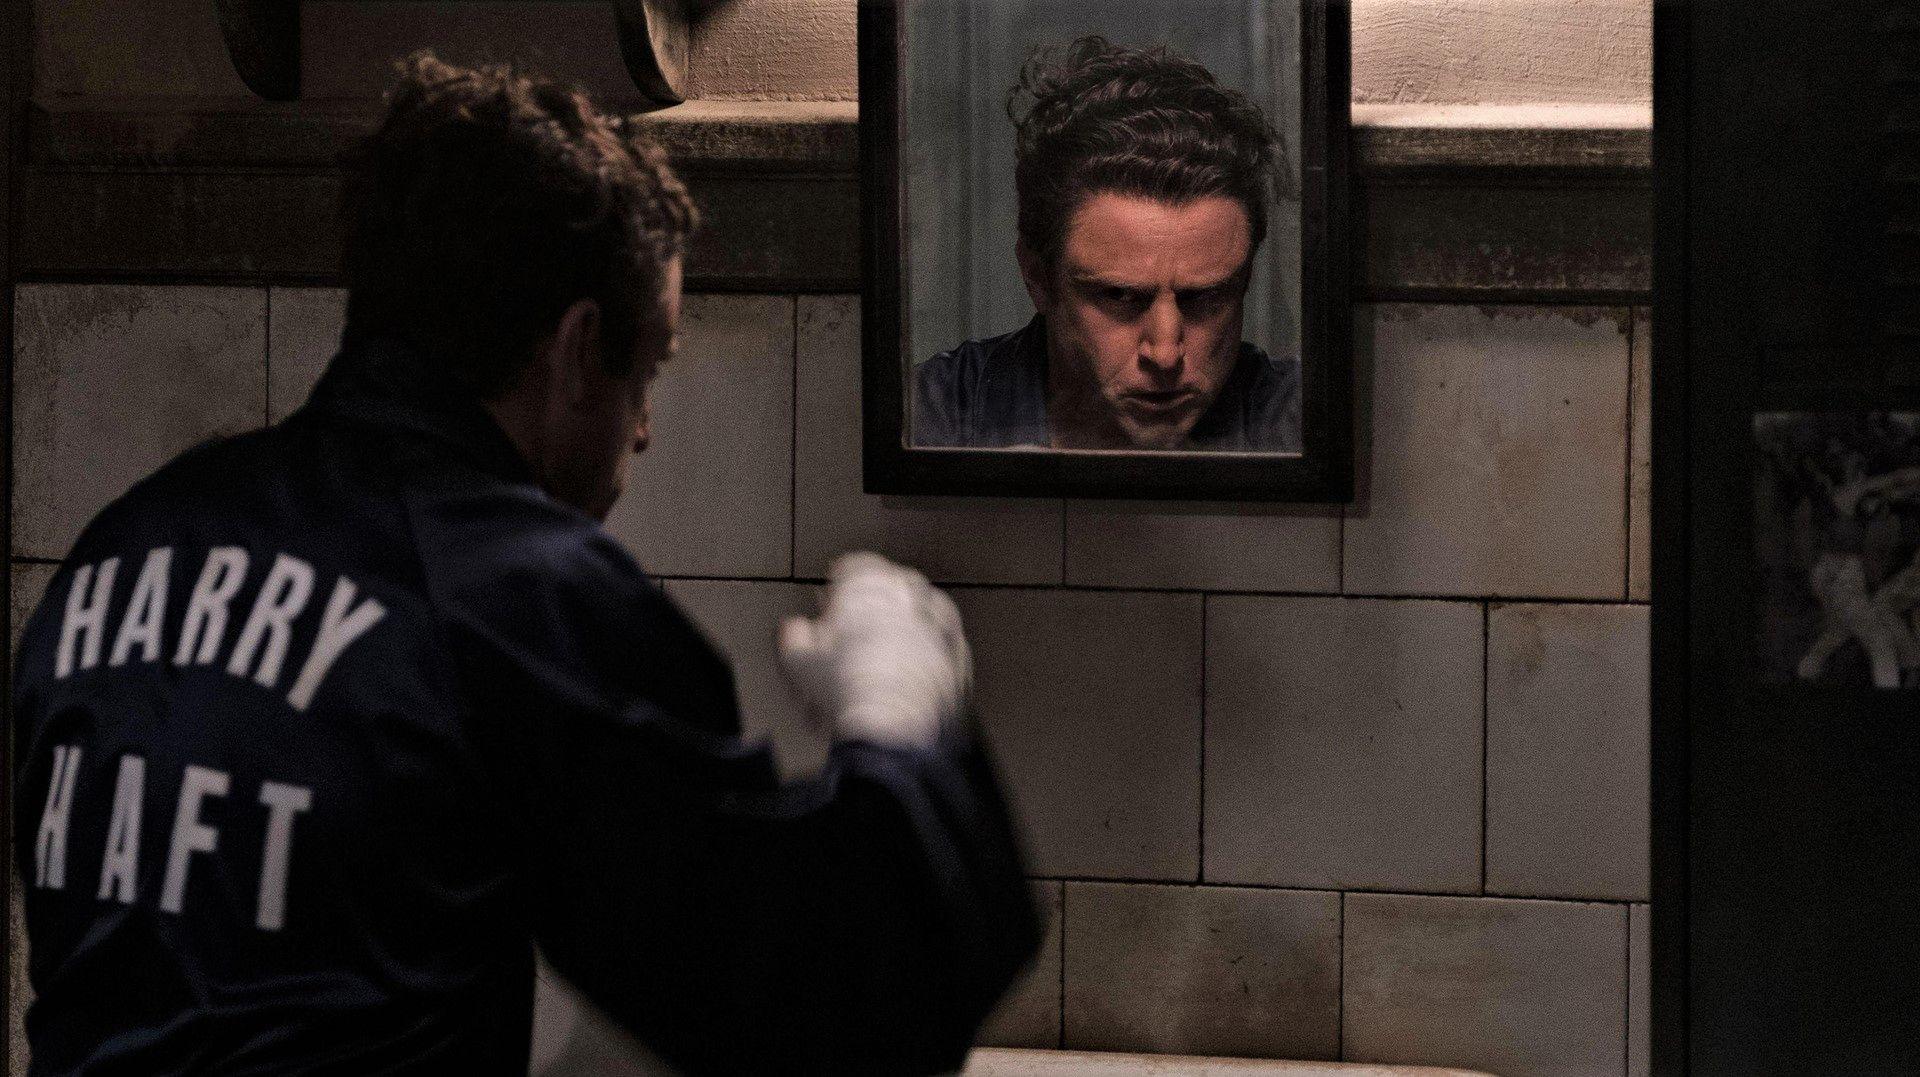 Kadr z filmu o historii Harry'ego Hafta